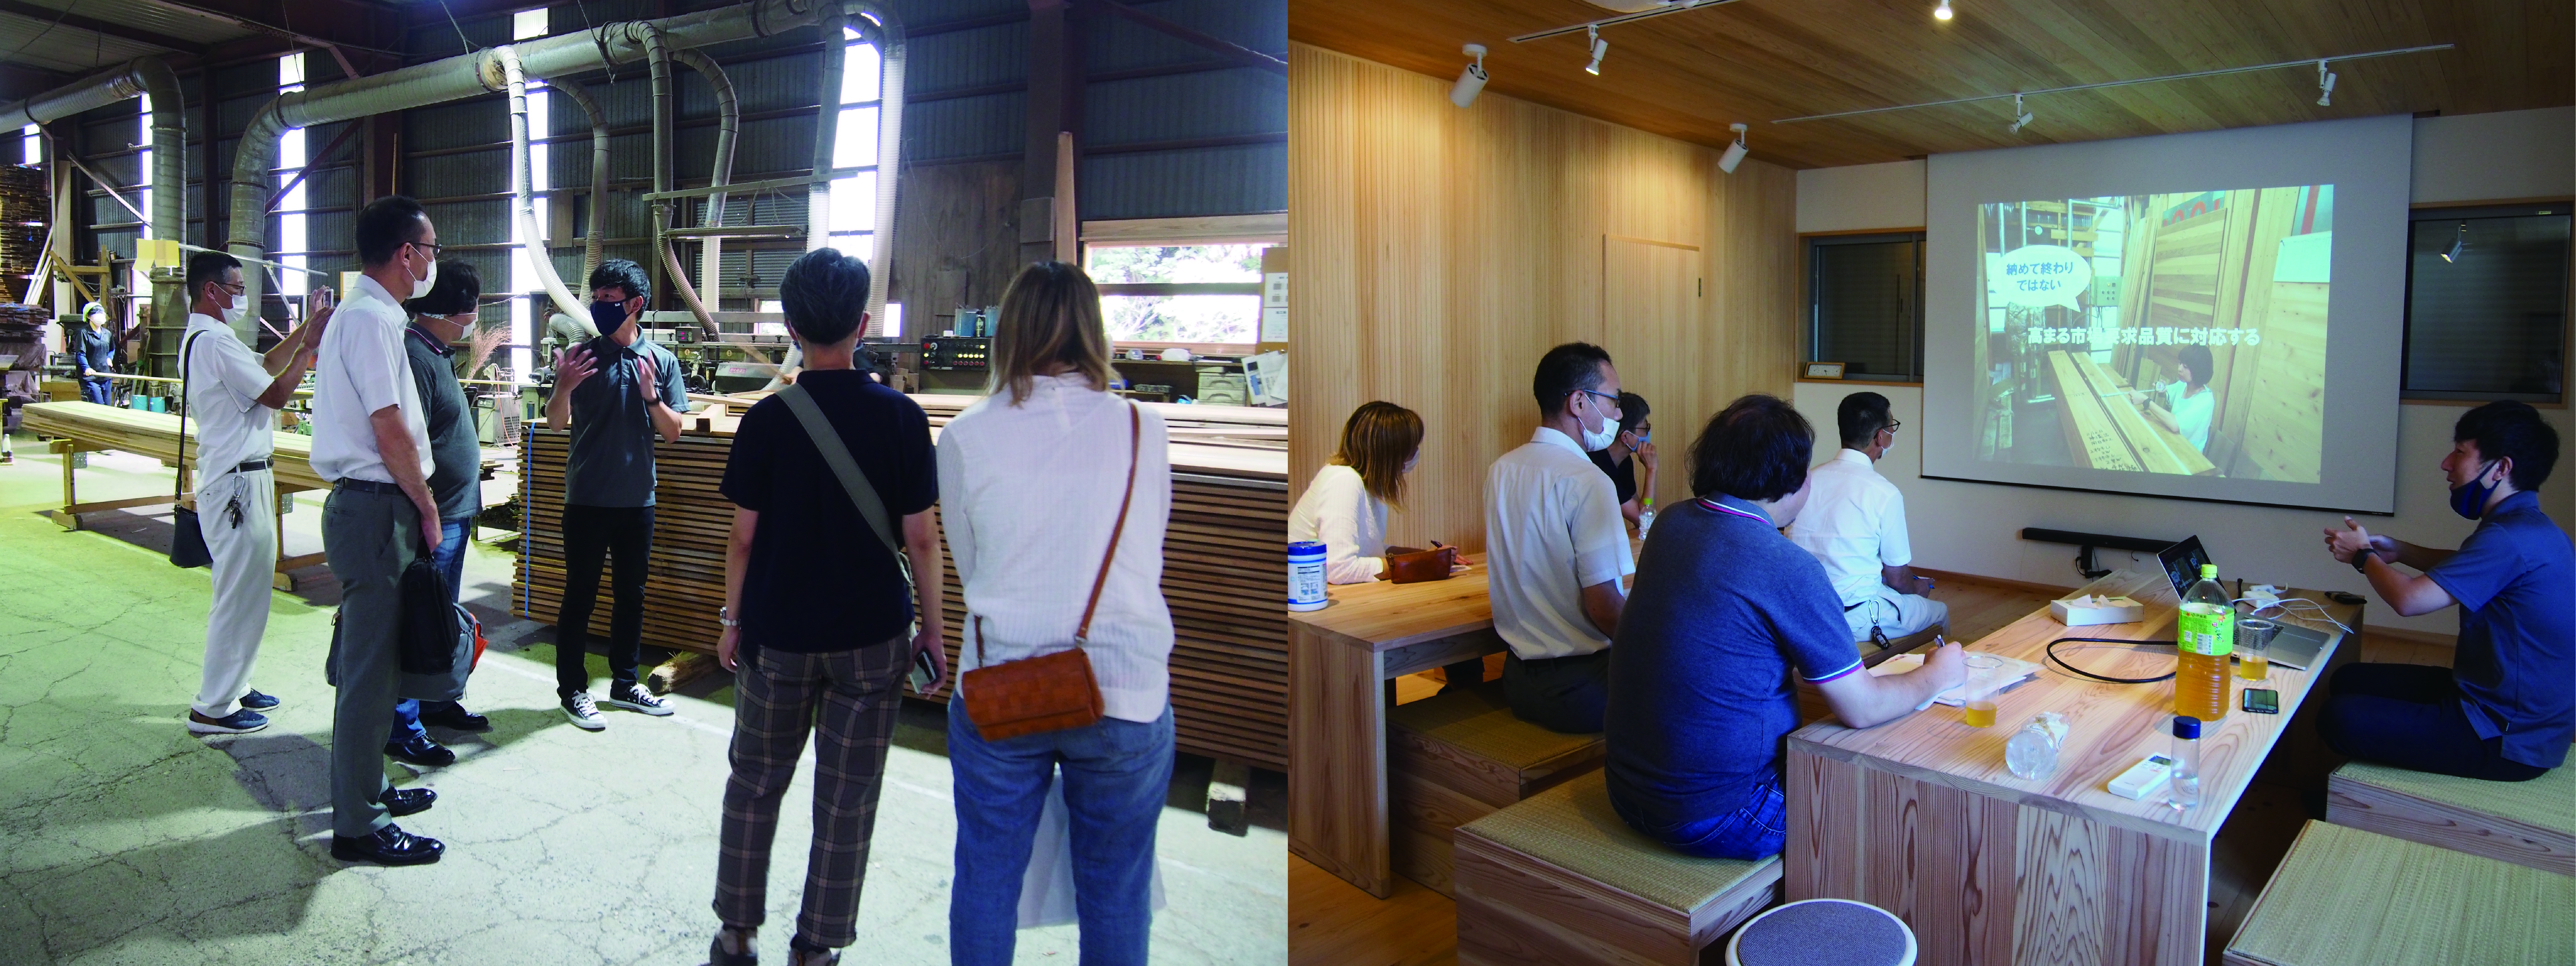 左:本社工場の見学の様子 右:きのもりでの意見交換会の様子